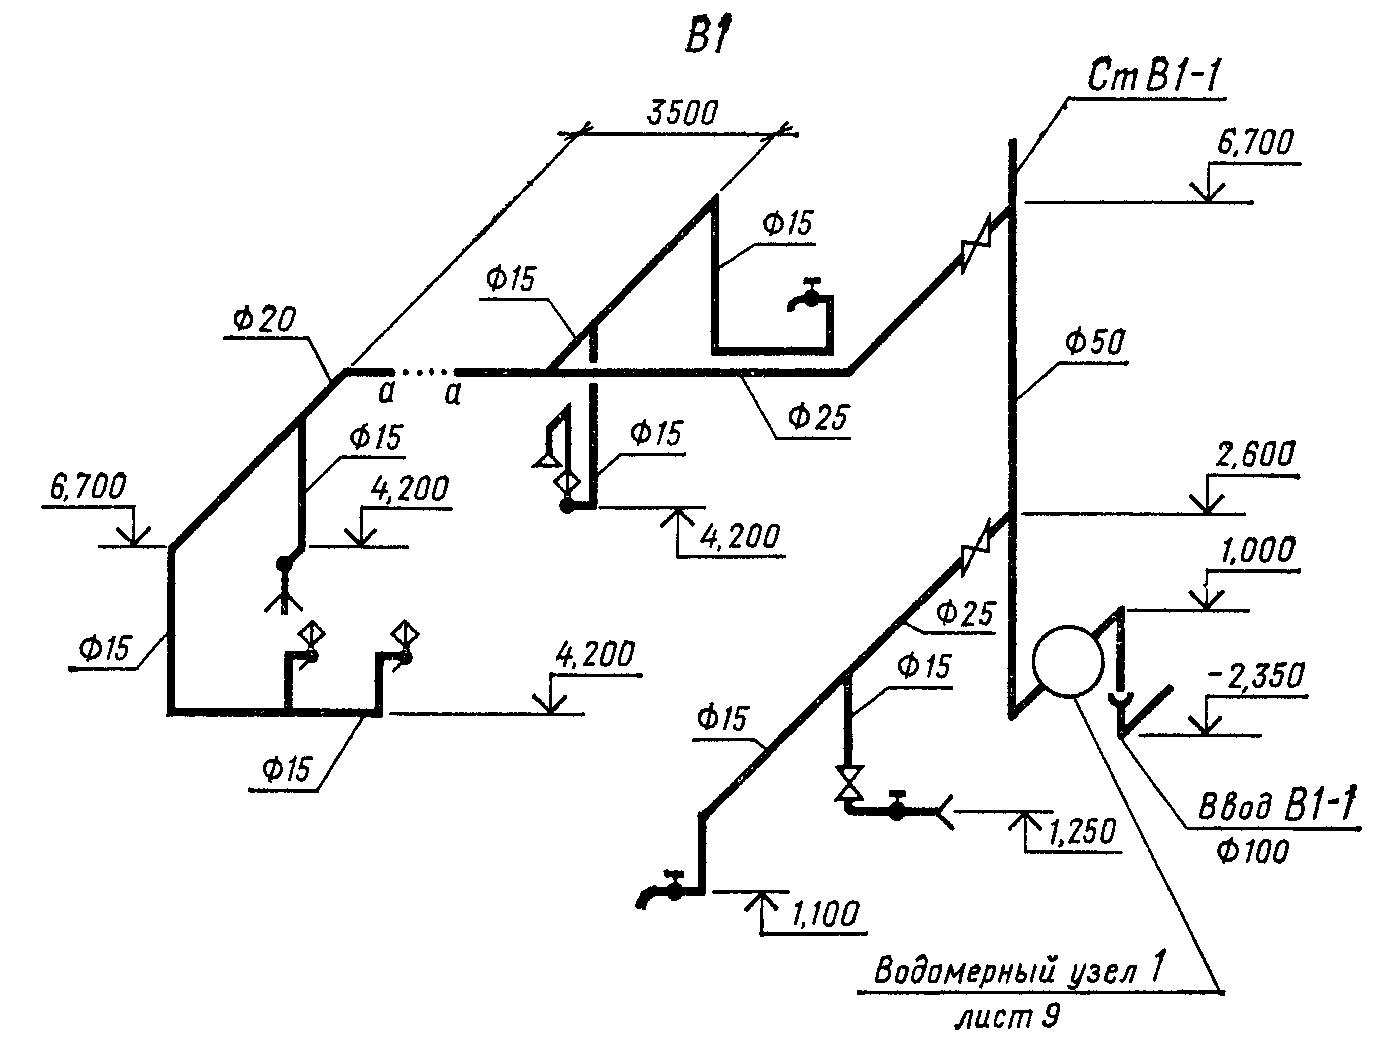 Пример оформления схем систем водопровода показан на.  Черт. черт.  6.